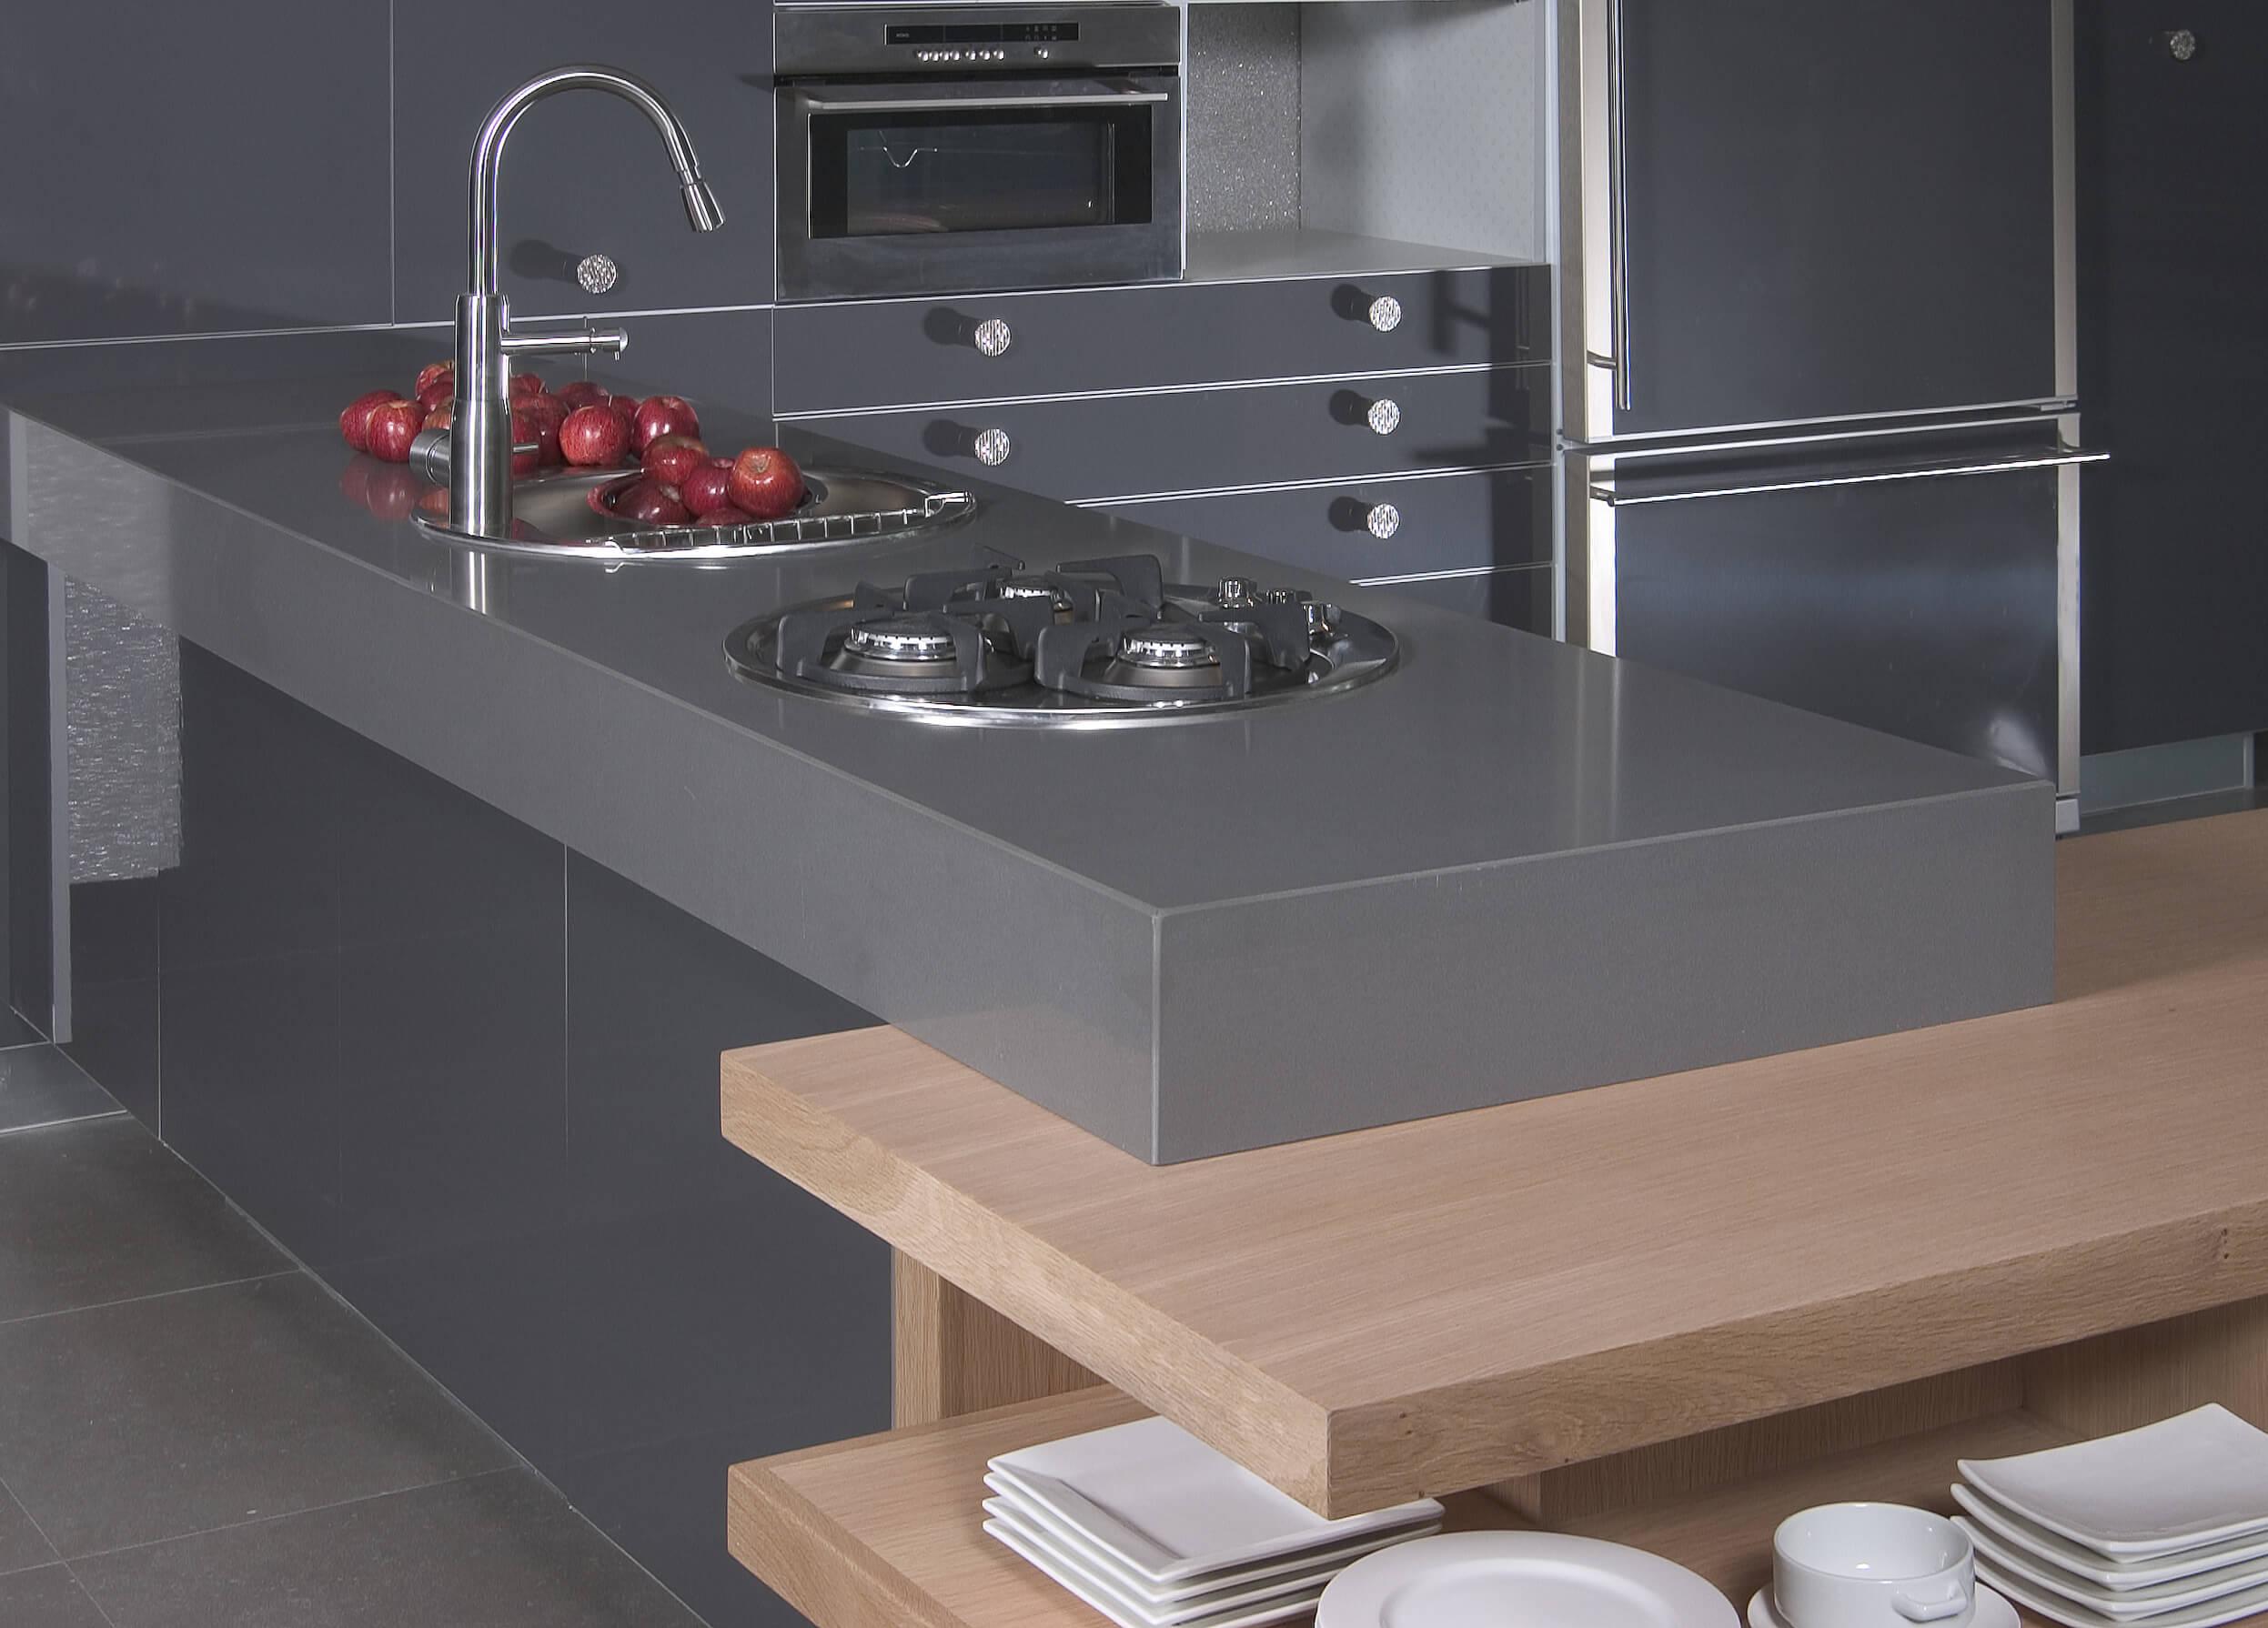 caesarstone-concrete-kitchen